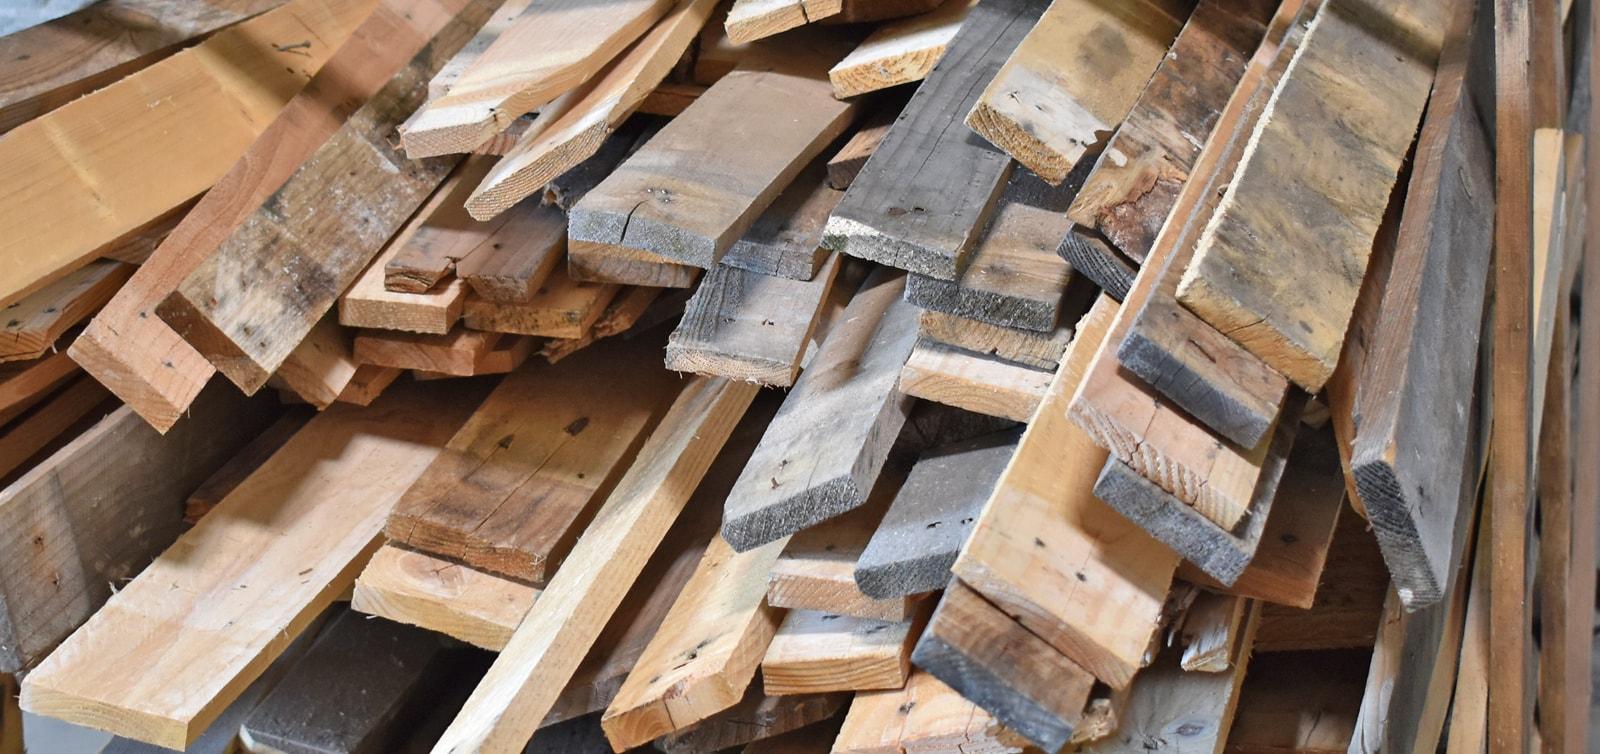 Planches de palettes en bois